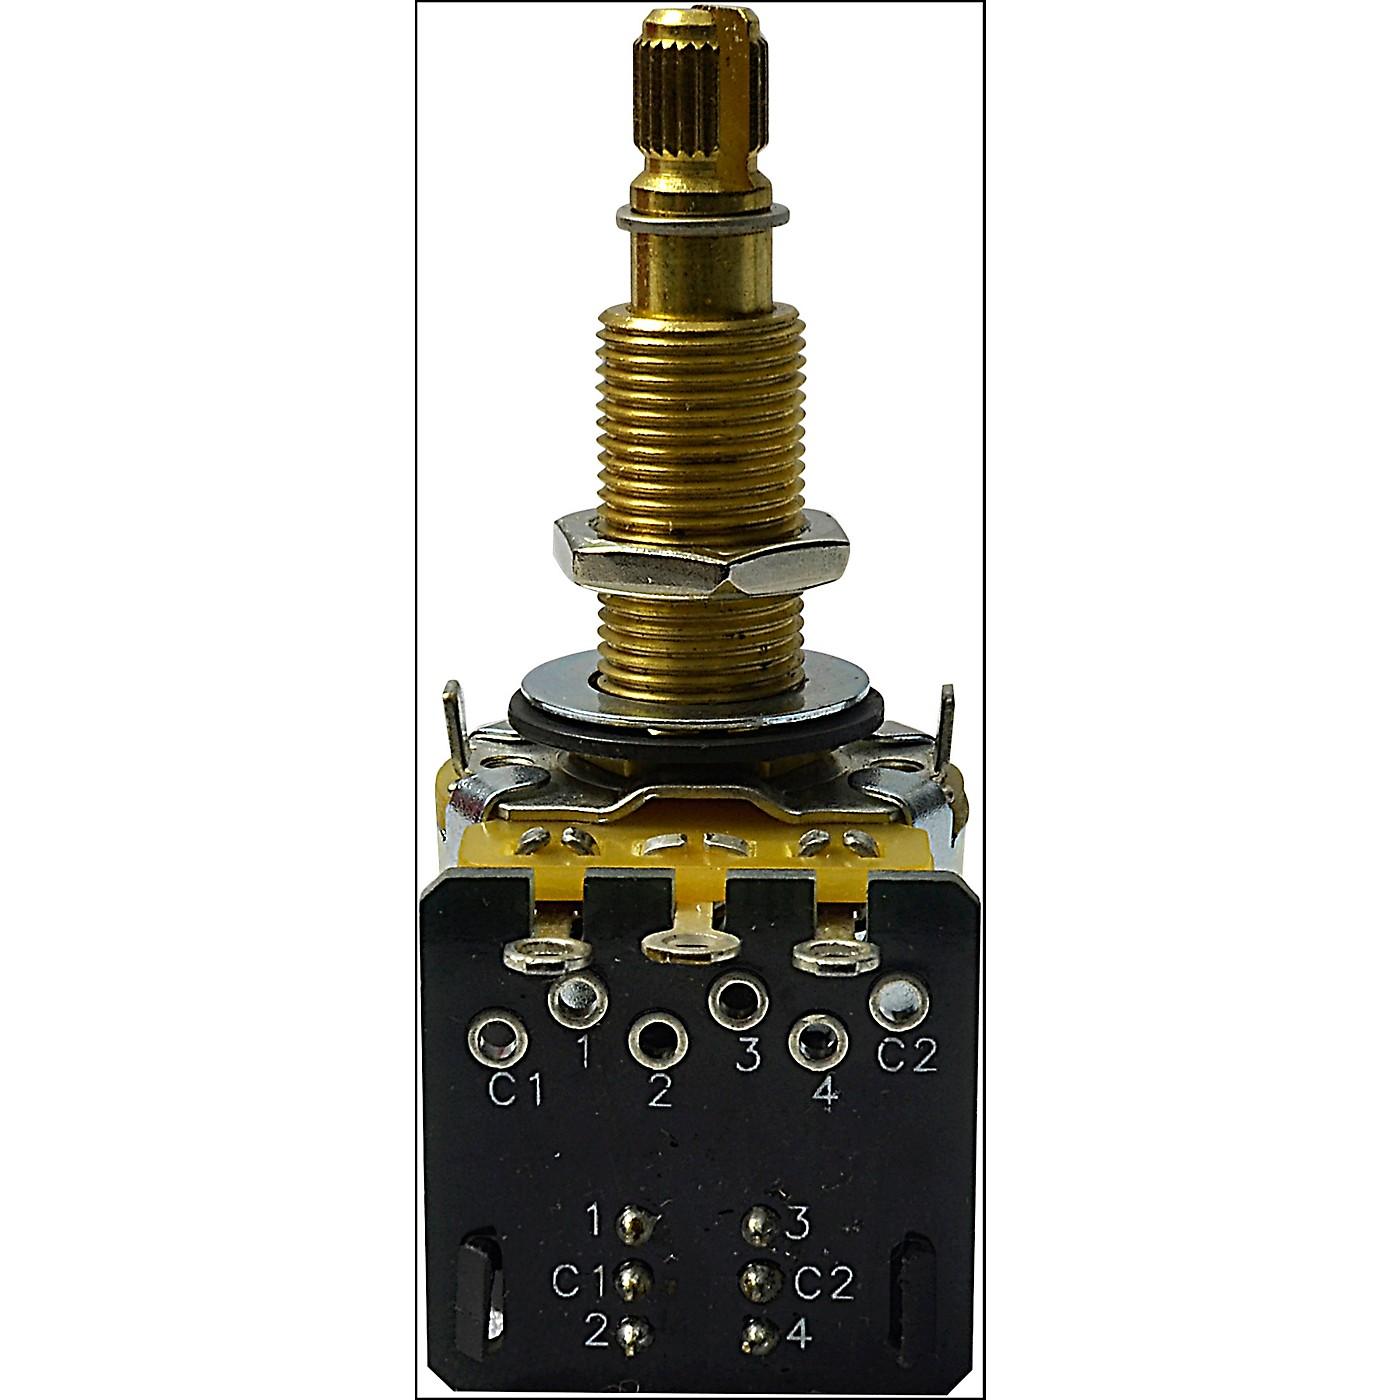 Mojotone CTS 500K Long Shaft DPDT Push-Pull Potentiometer thumbnail